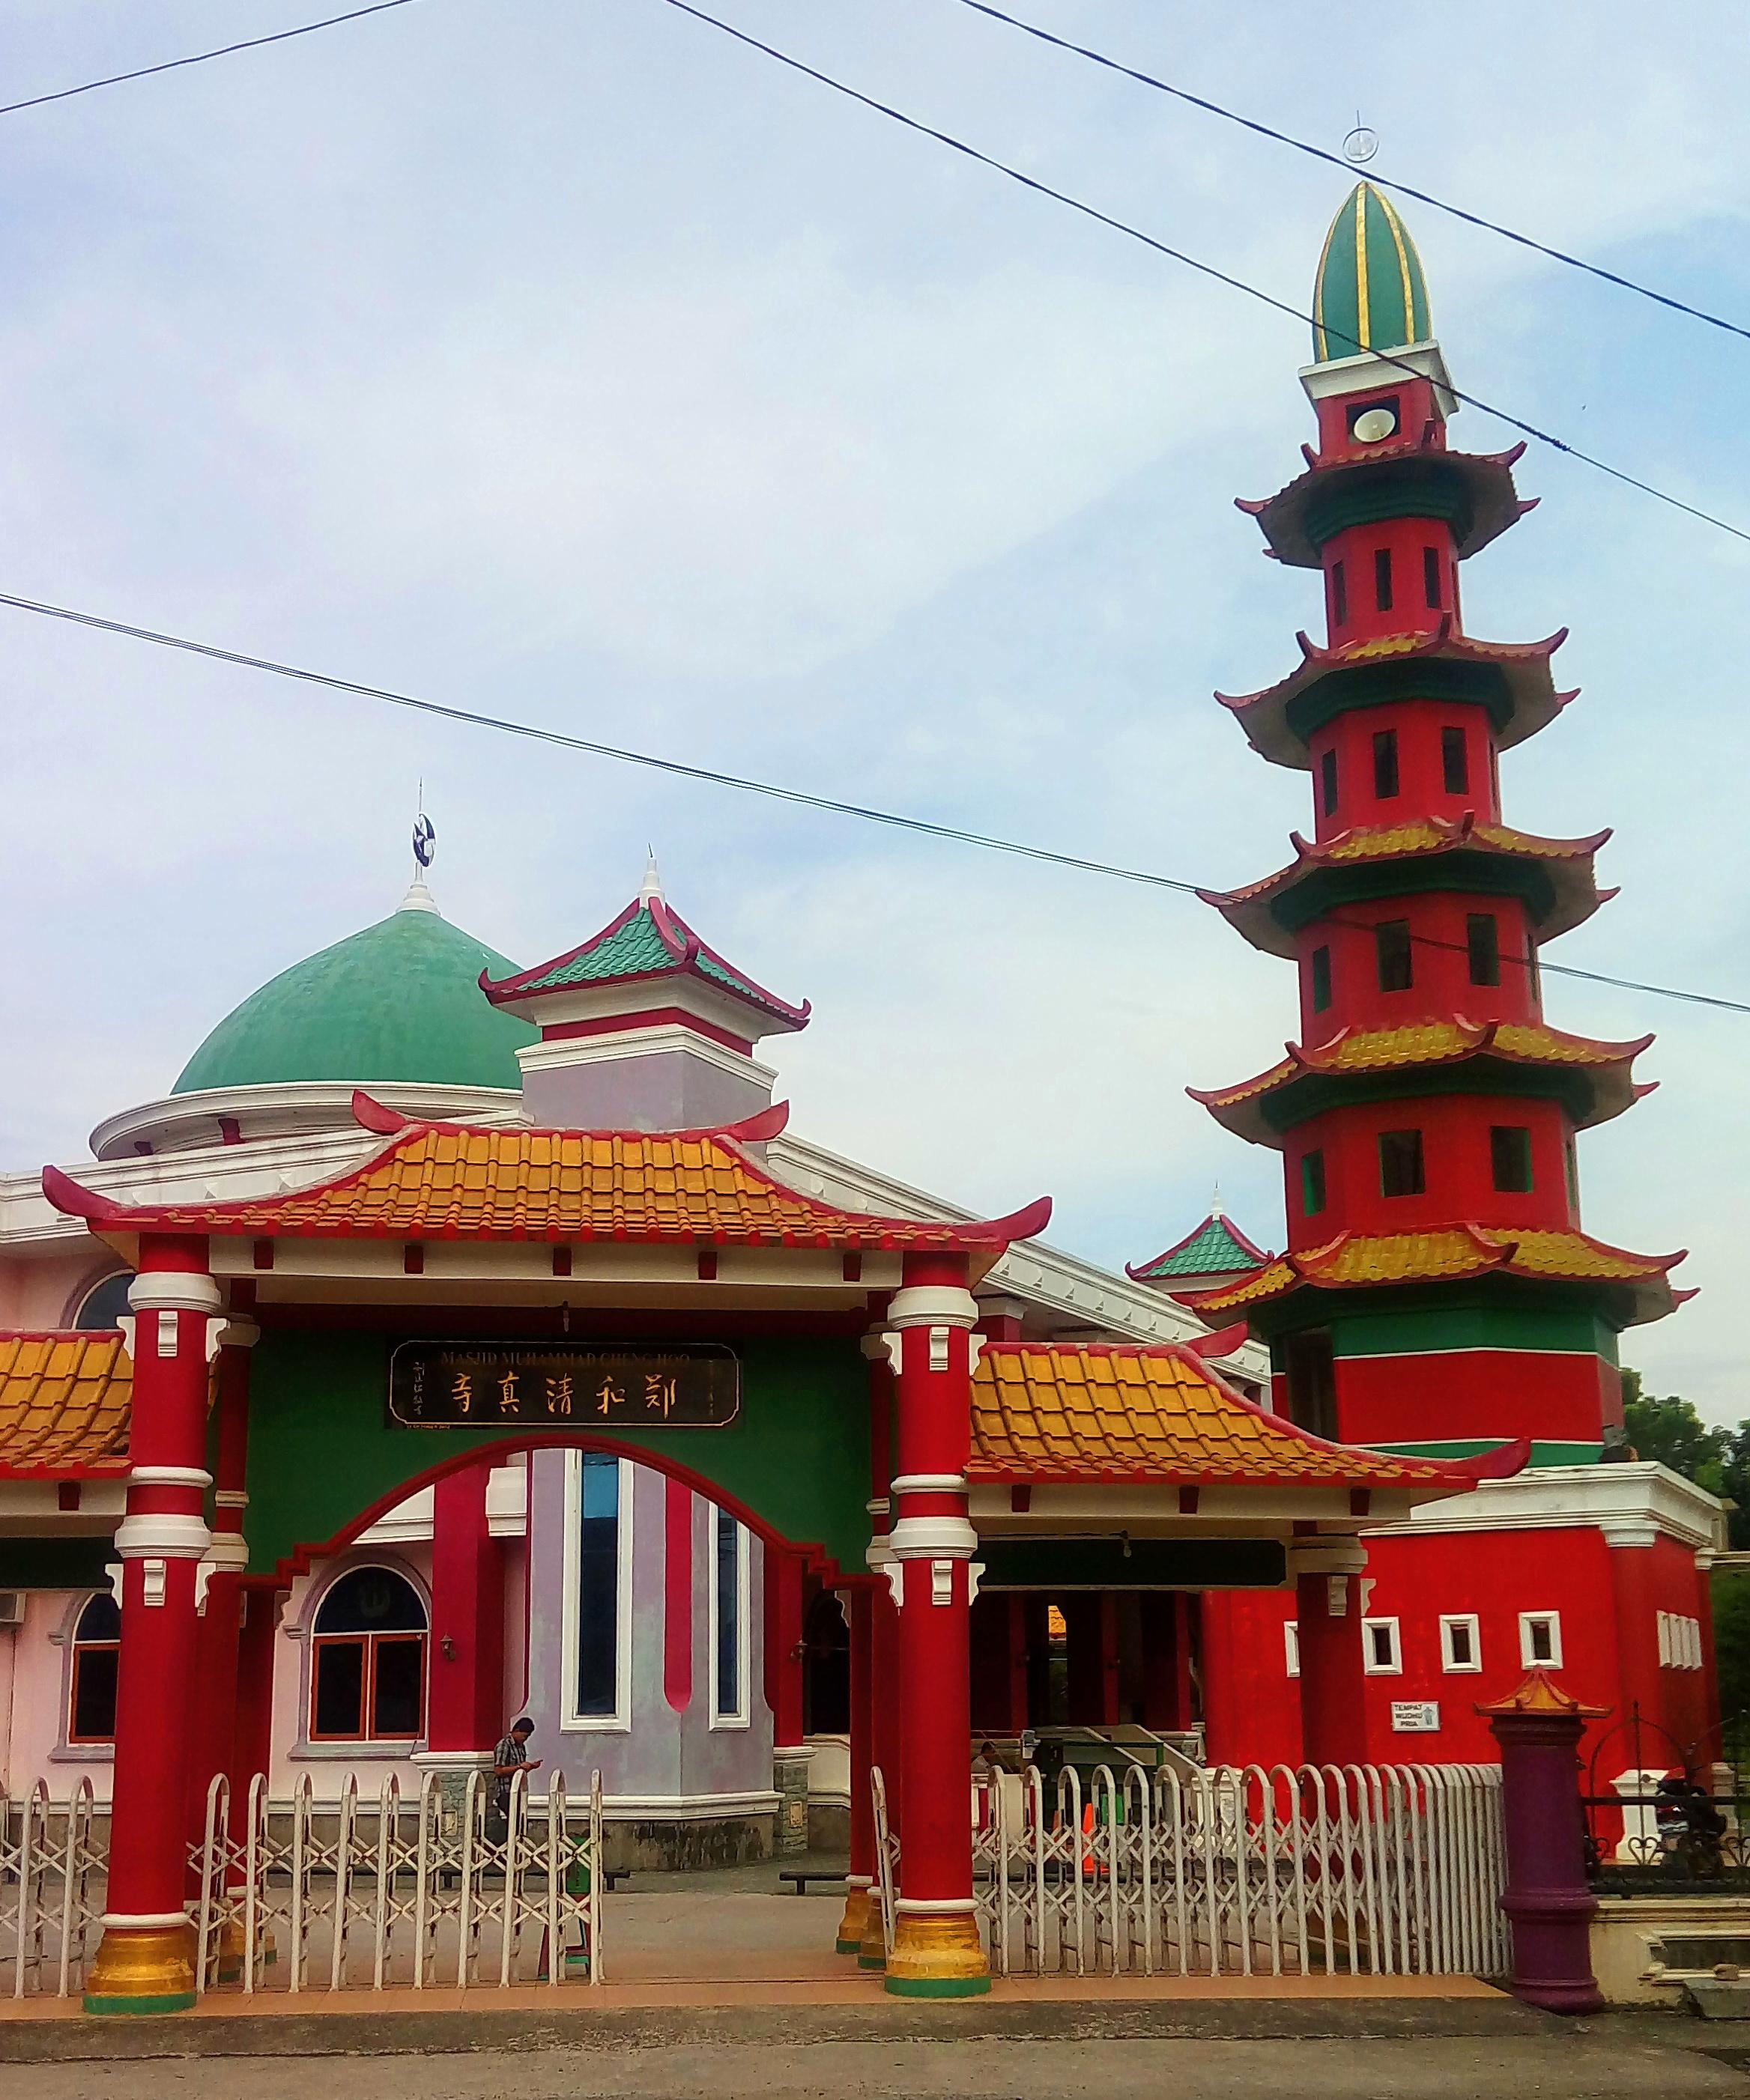 Masjid Muhammad Cheng Ho Palembang 1 Akulturasi Tiga Kebudayaan